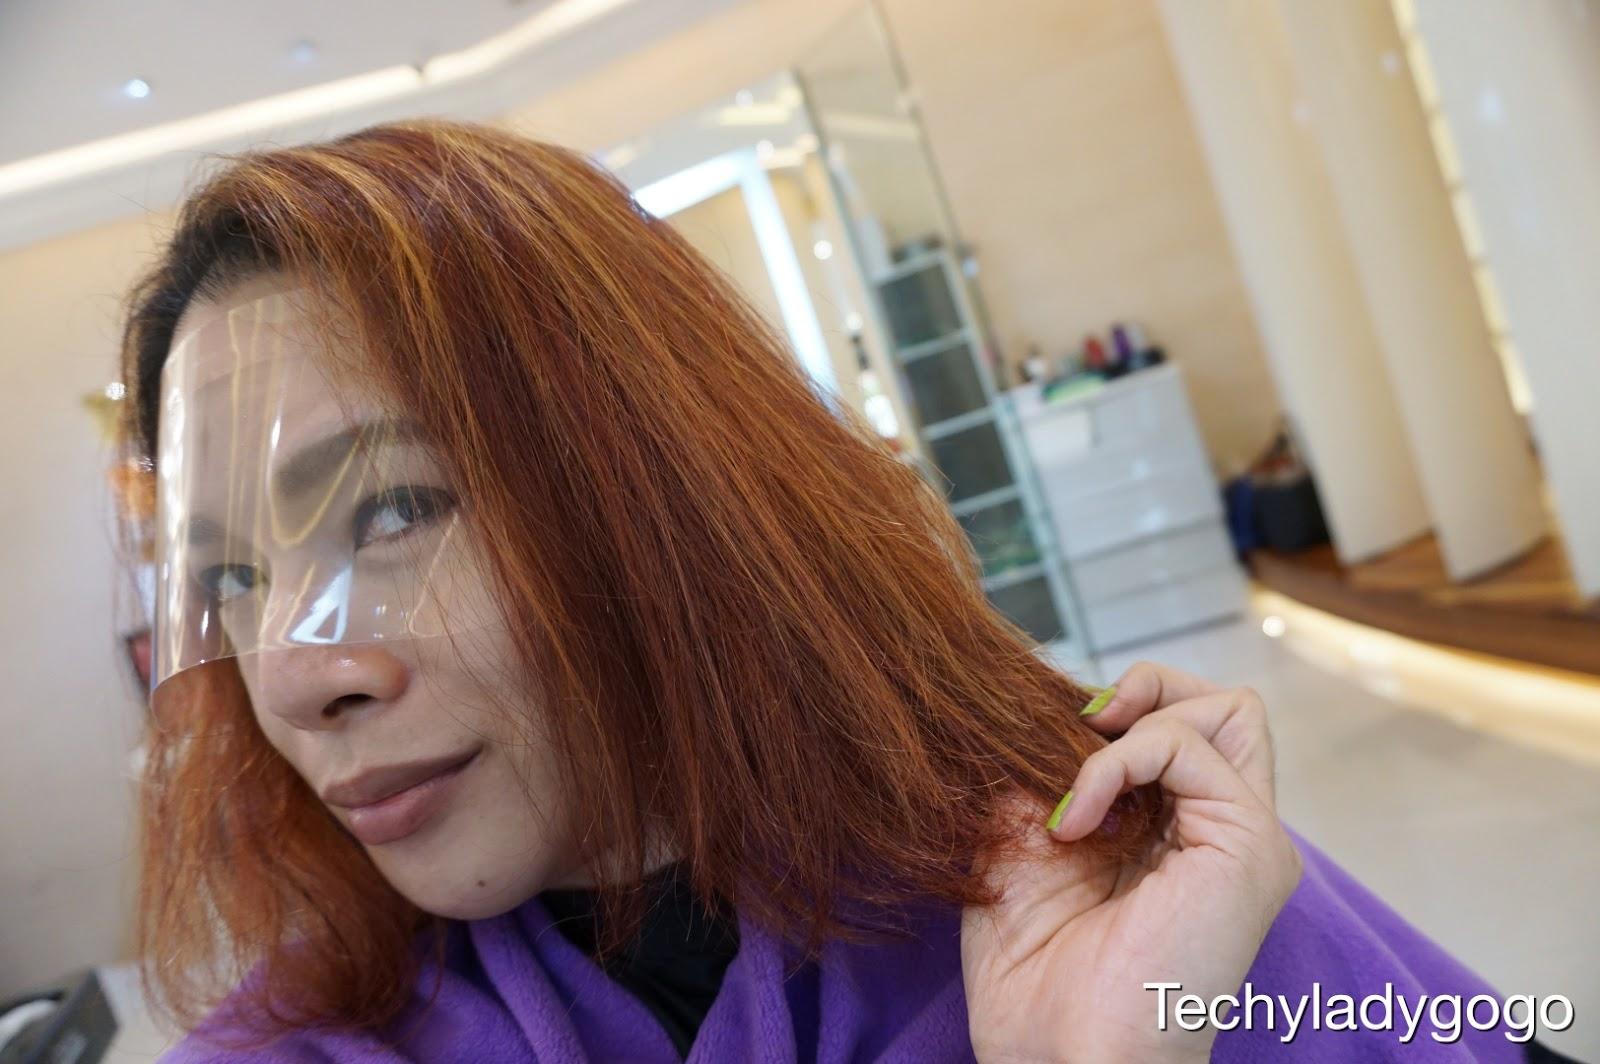 รีวิวร้านทำผม RUE ROYALE สาขาเซ็นทรัลปิ่นเกล้า ทำสีผมแดงอมม่วง Schwarzkopf IGORA และ ทรีทเมนท์ KERASTASE